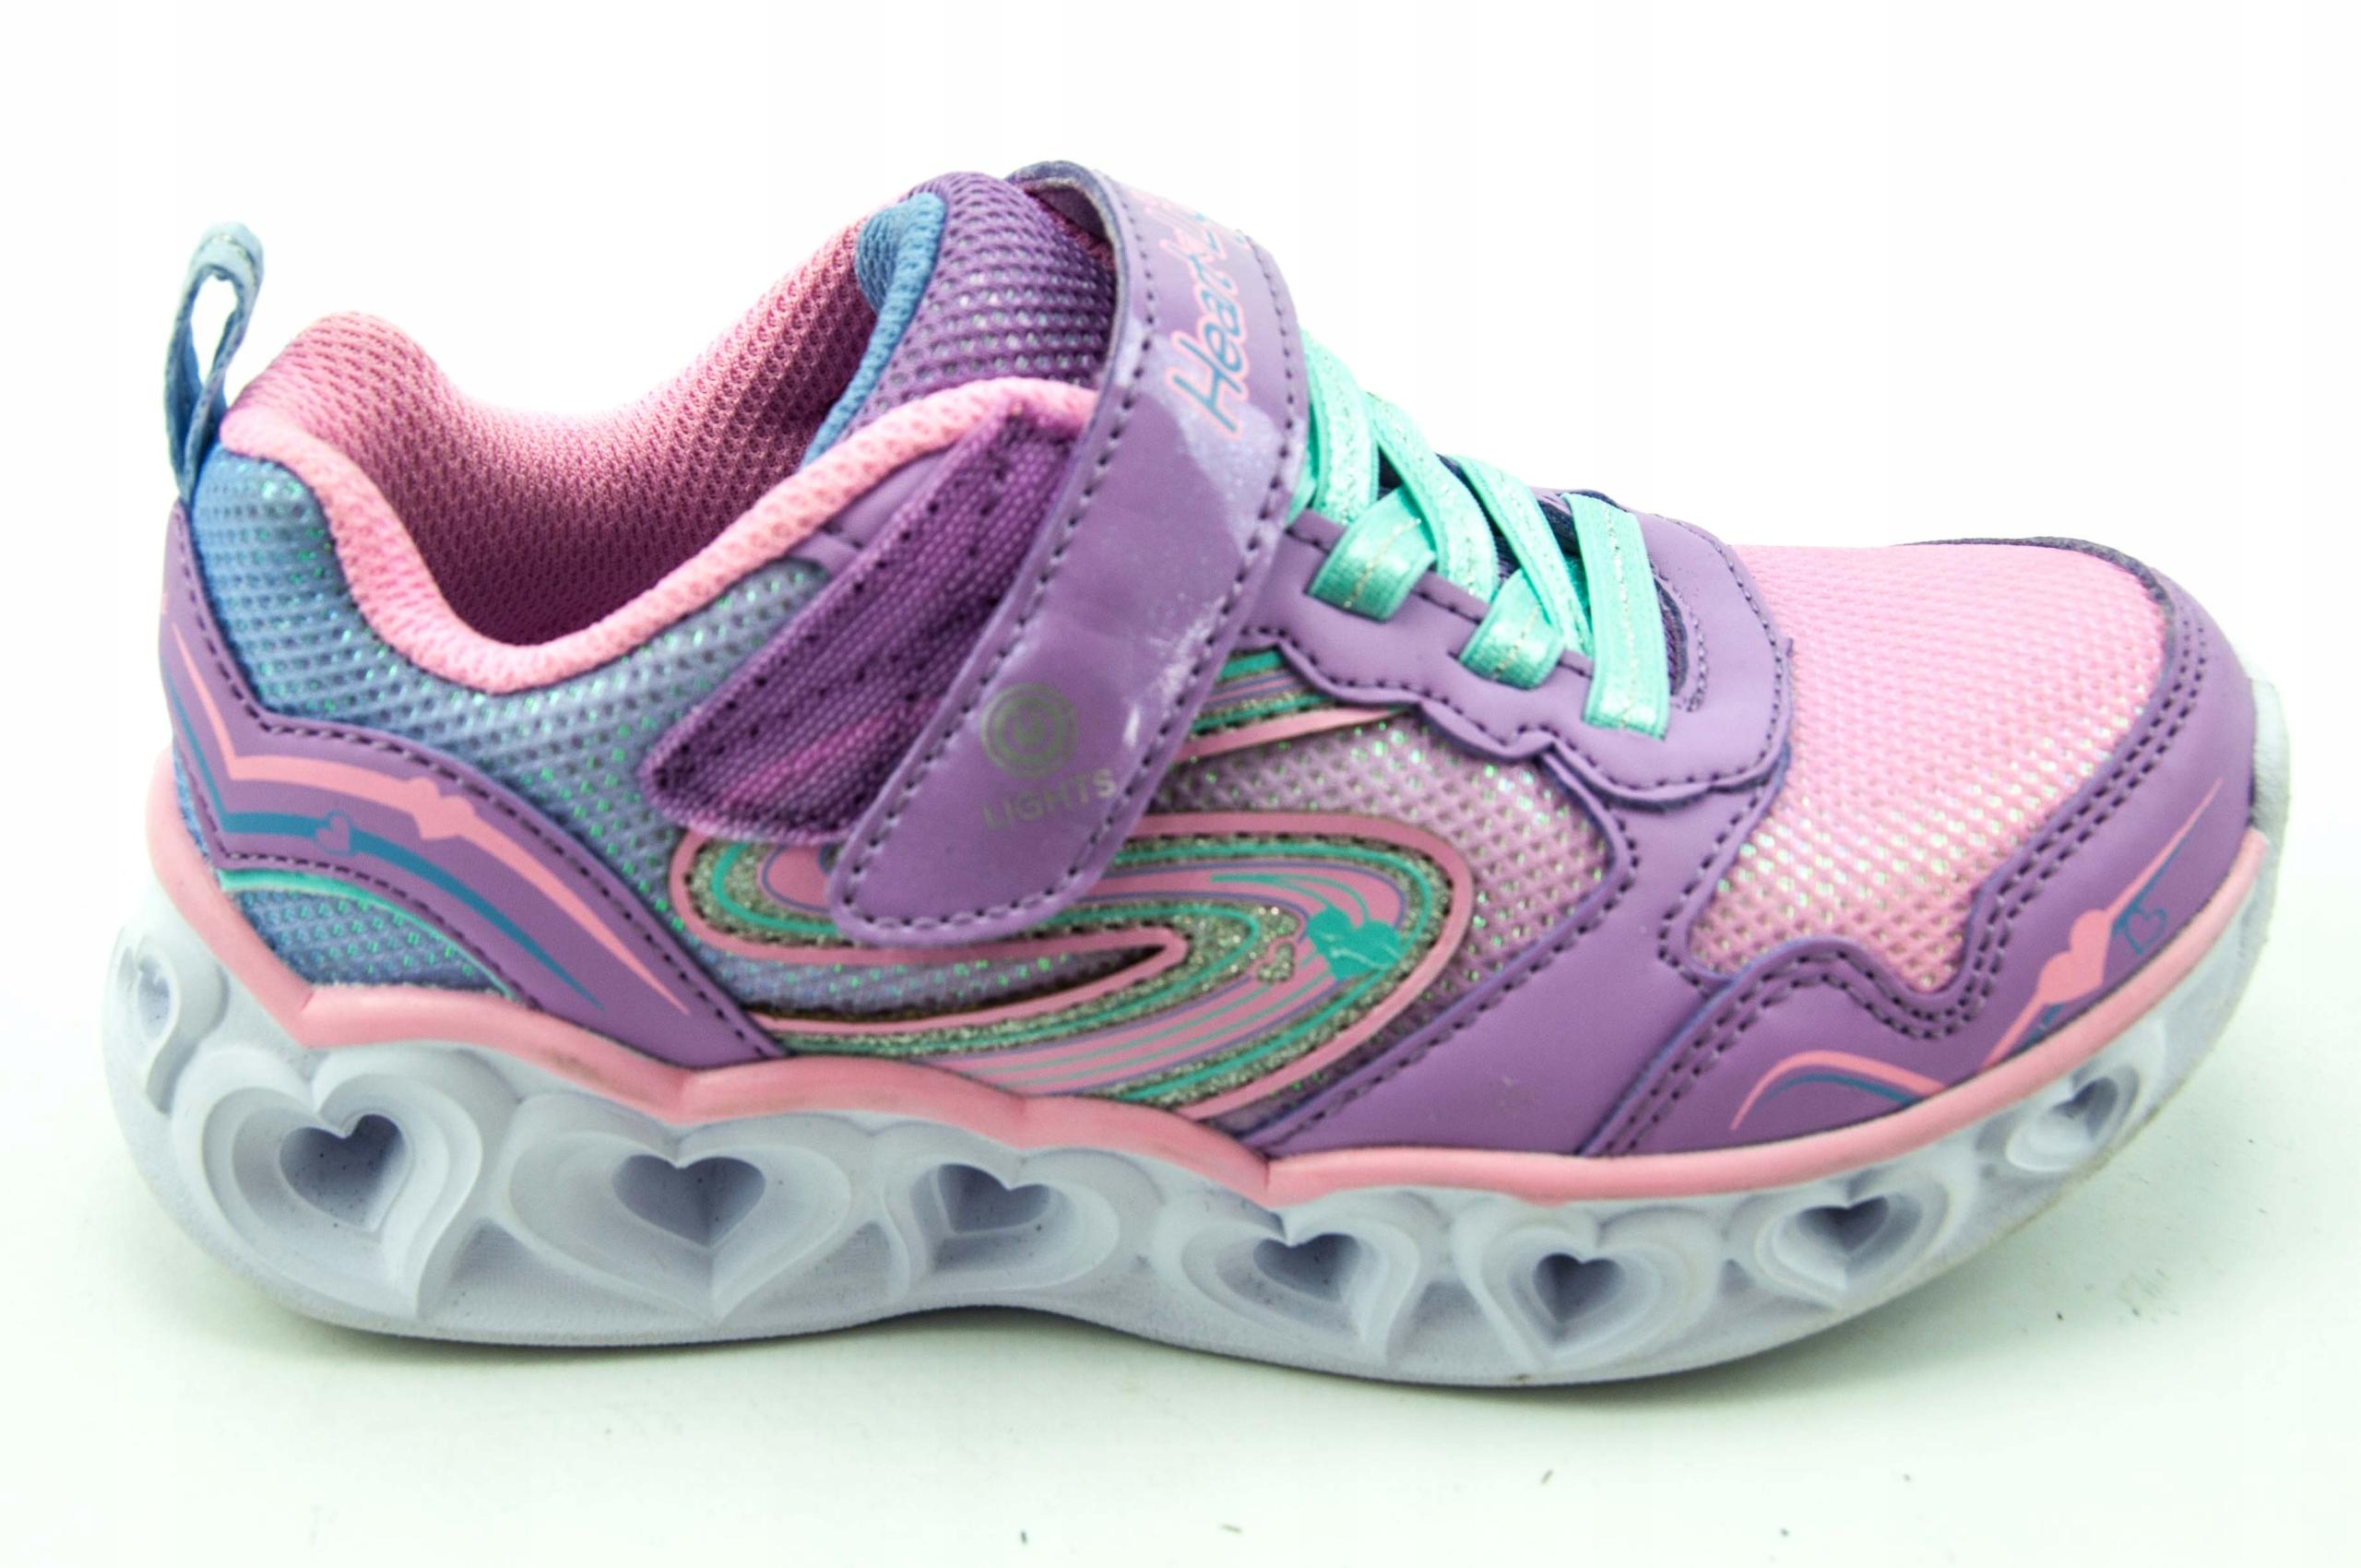 Buty Skechers Sneakersy R 29 18 5cm Uzywane Wada 9337164547 Allegro Pl